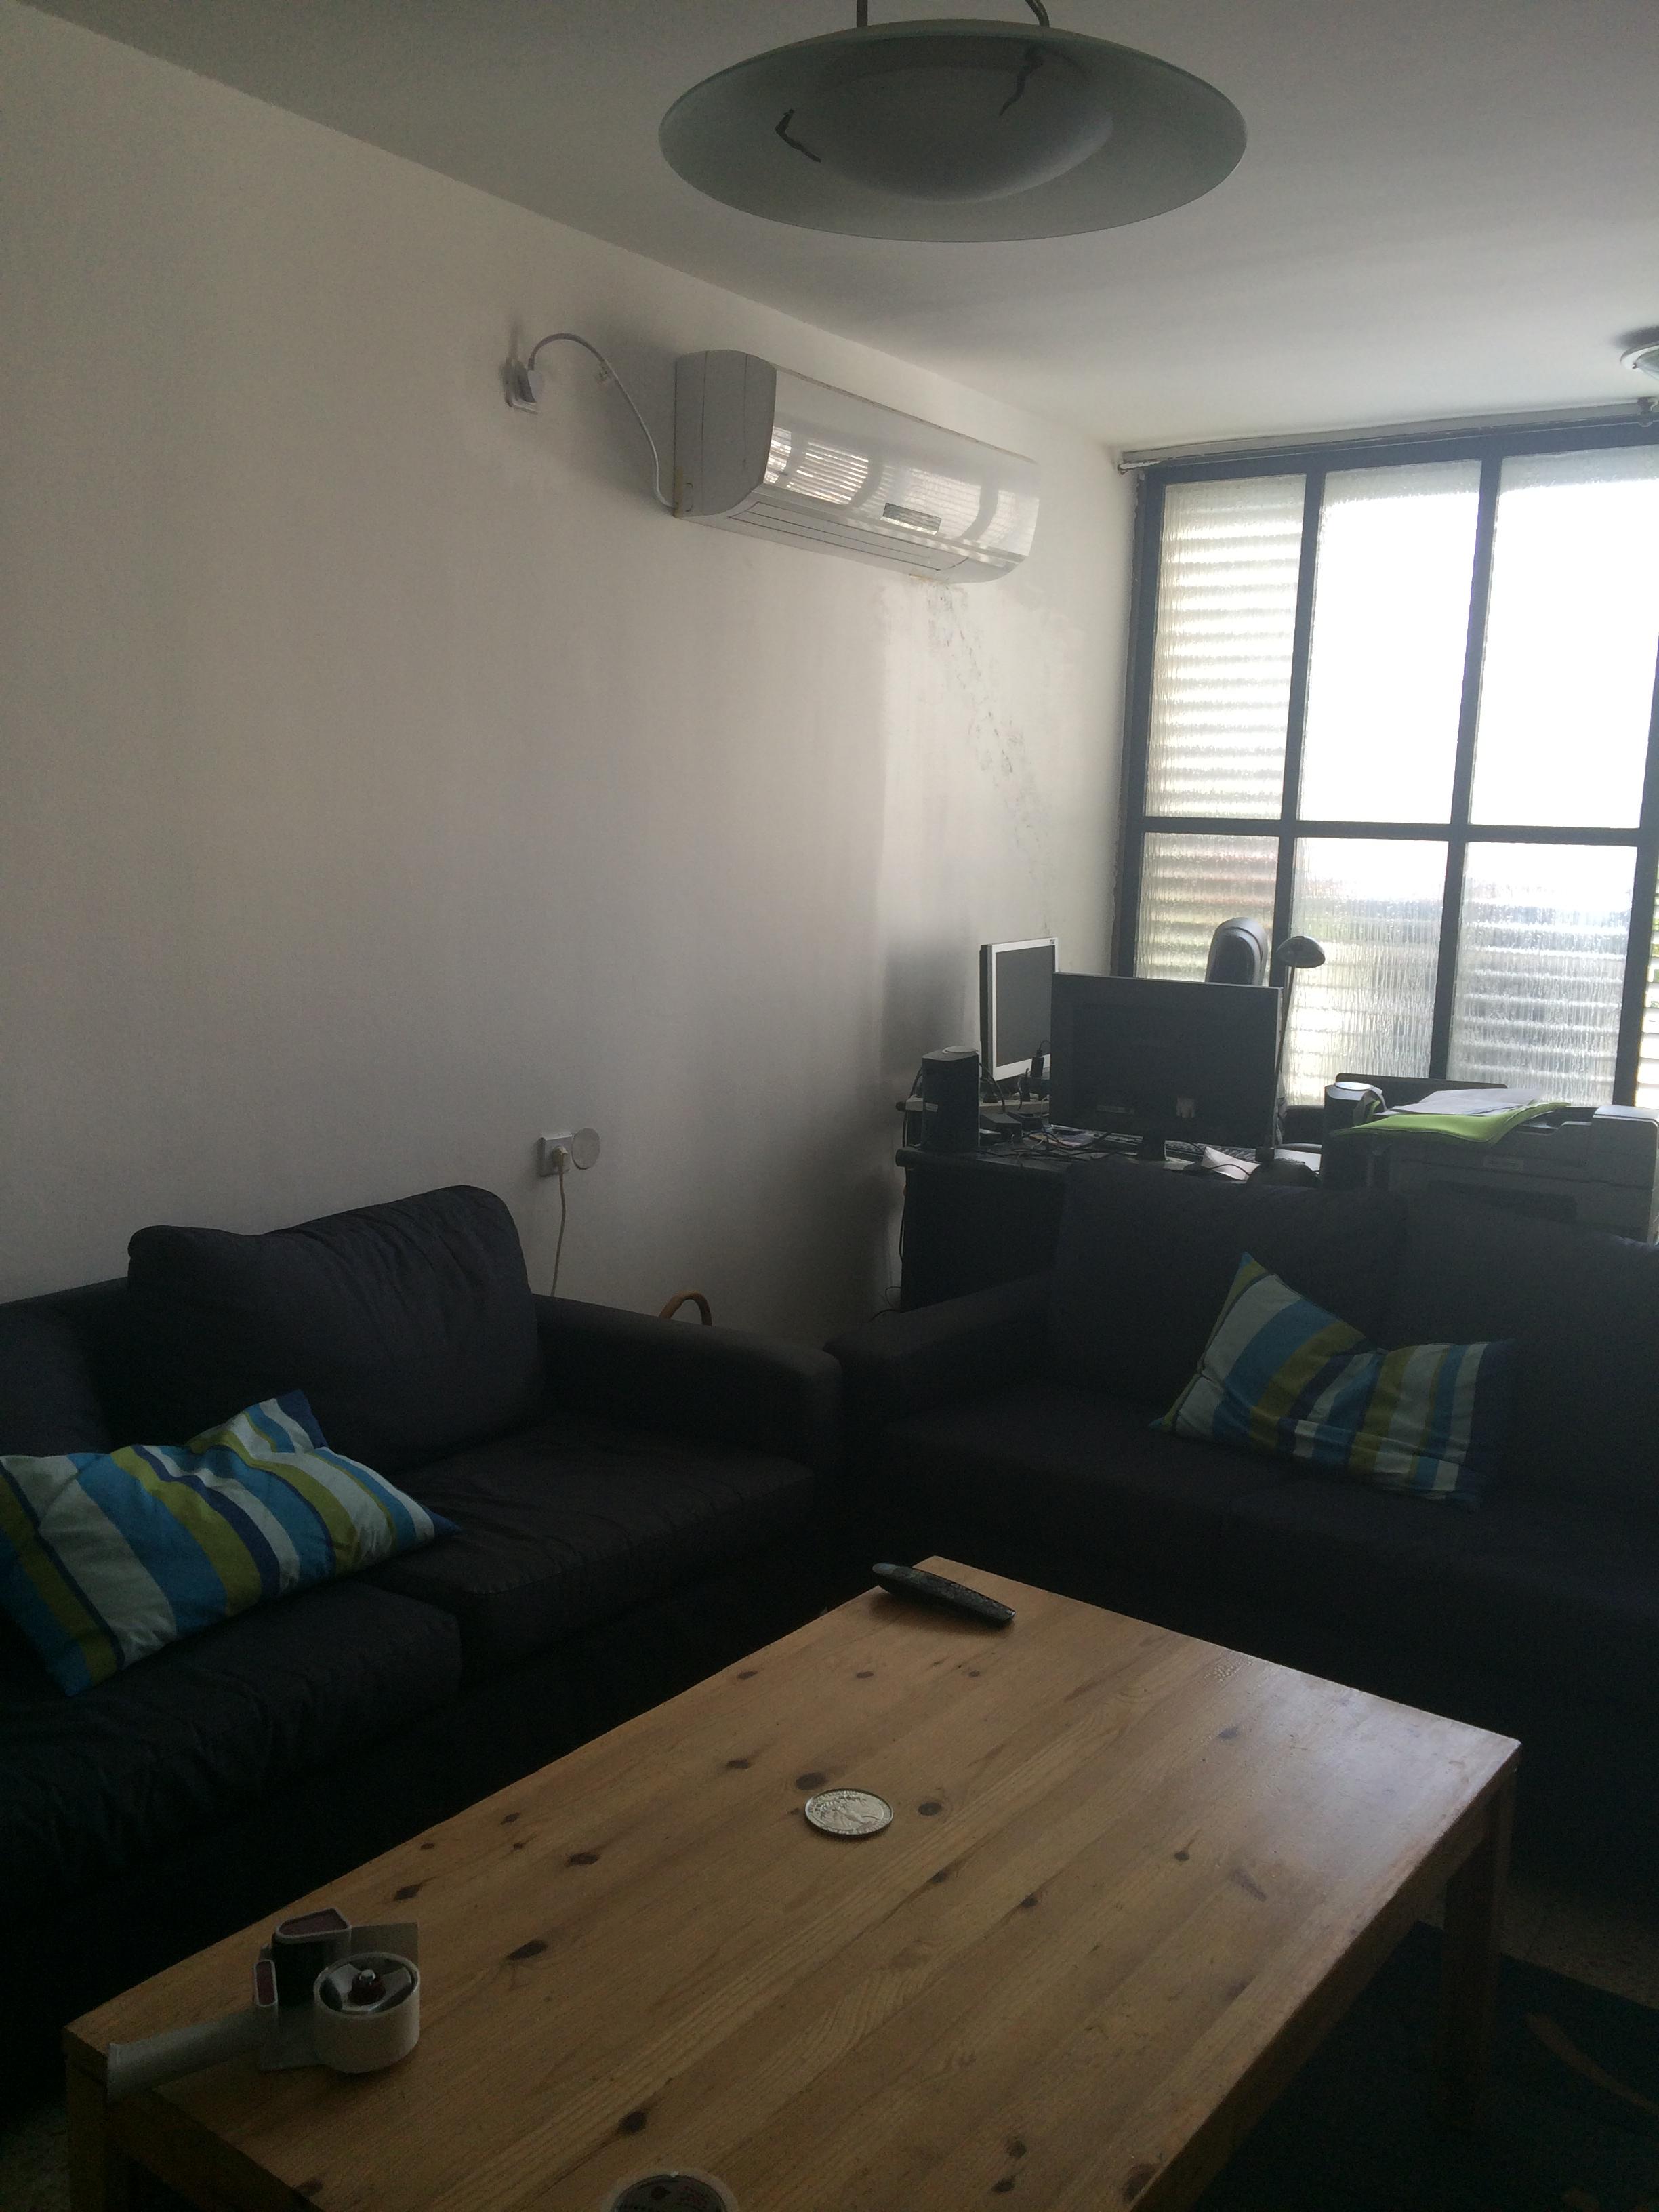 הסלון לפני השינוי